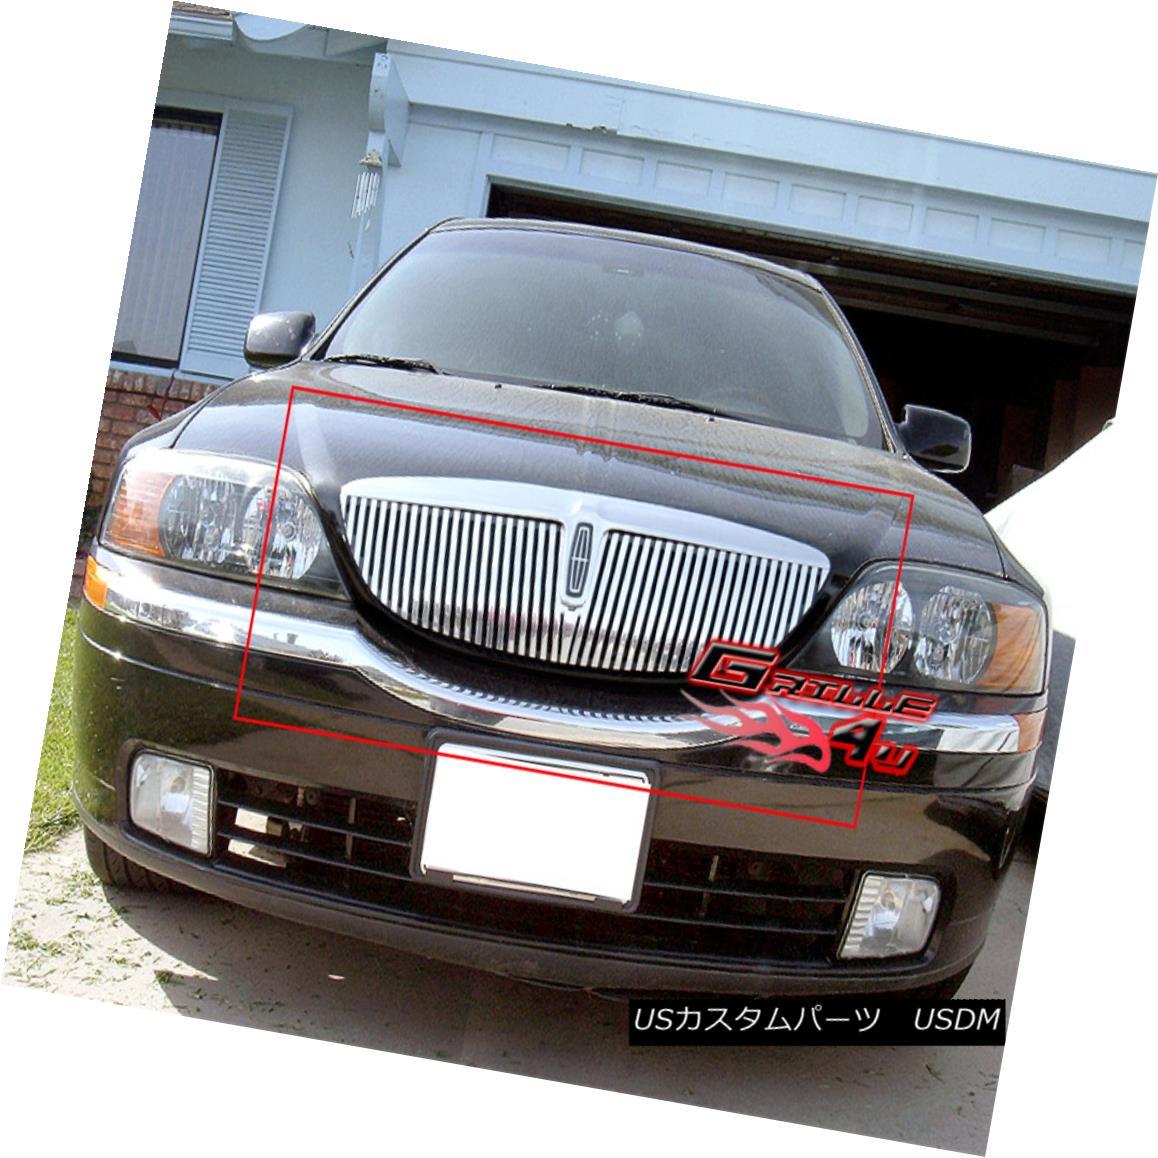 グリル Fits 2000-2002 Lincoln LS Perimeter Grille Insert 2000-2002 Lincoln LSペリメーターグリルインサートに適合